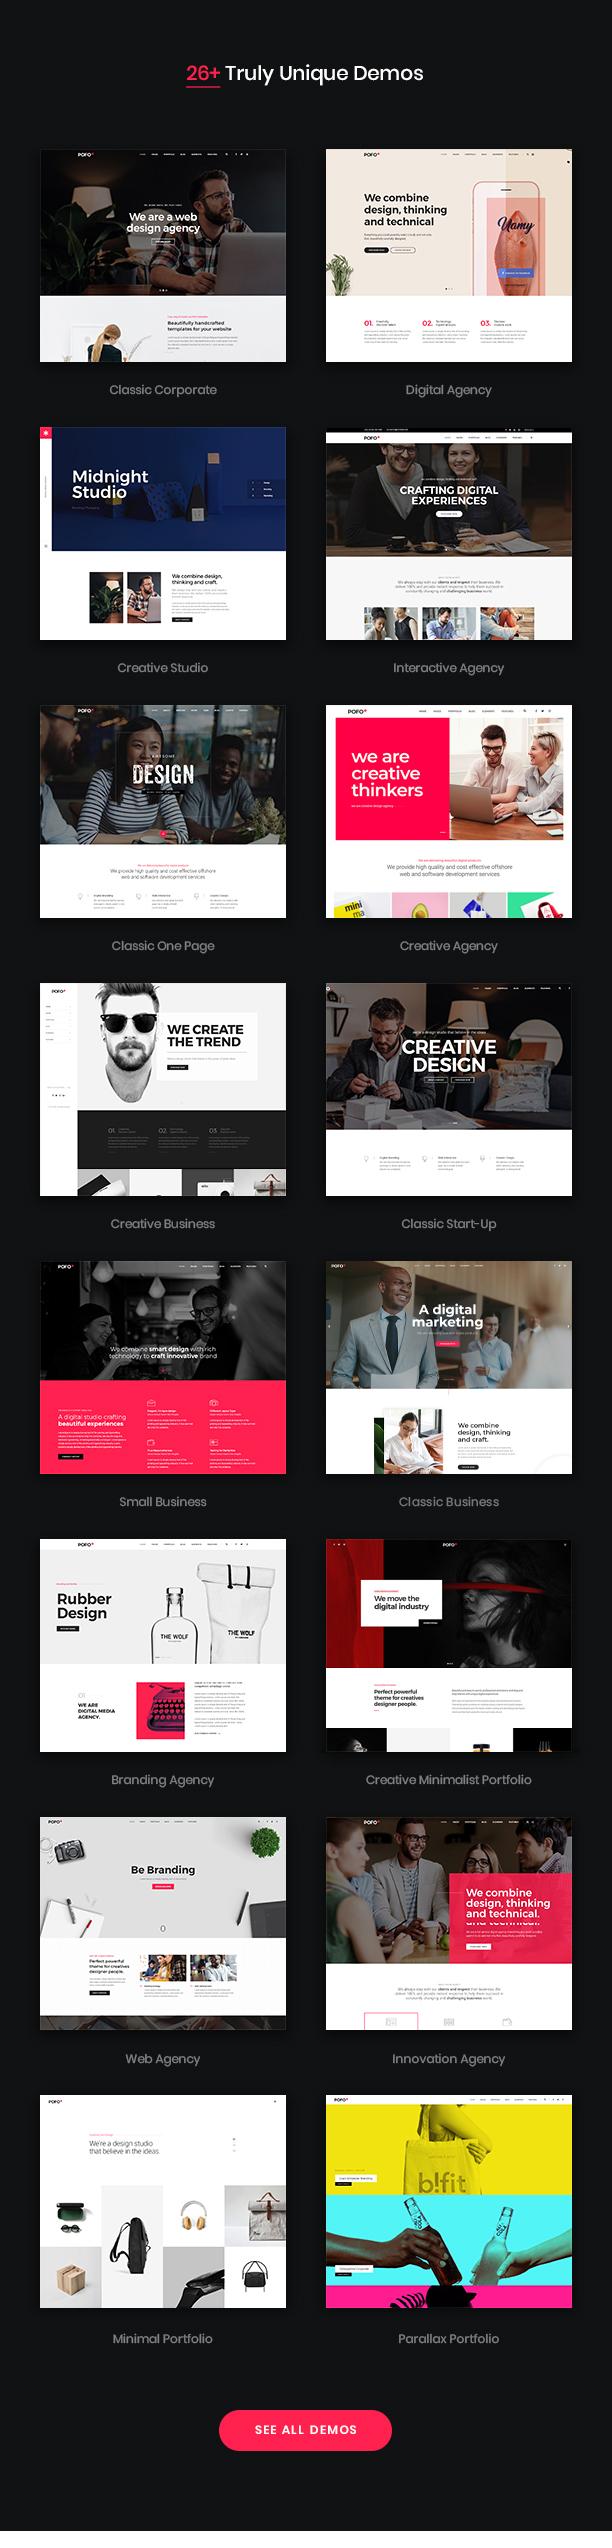 Pofo - Creative Agency, Corporate and Portfolio Multi-purpose Template - 8